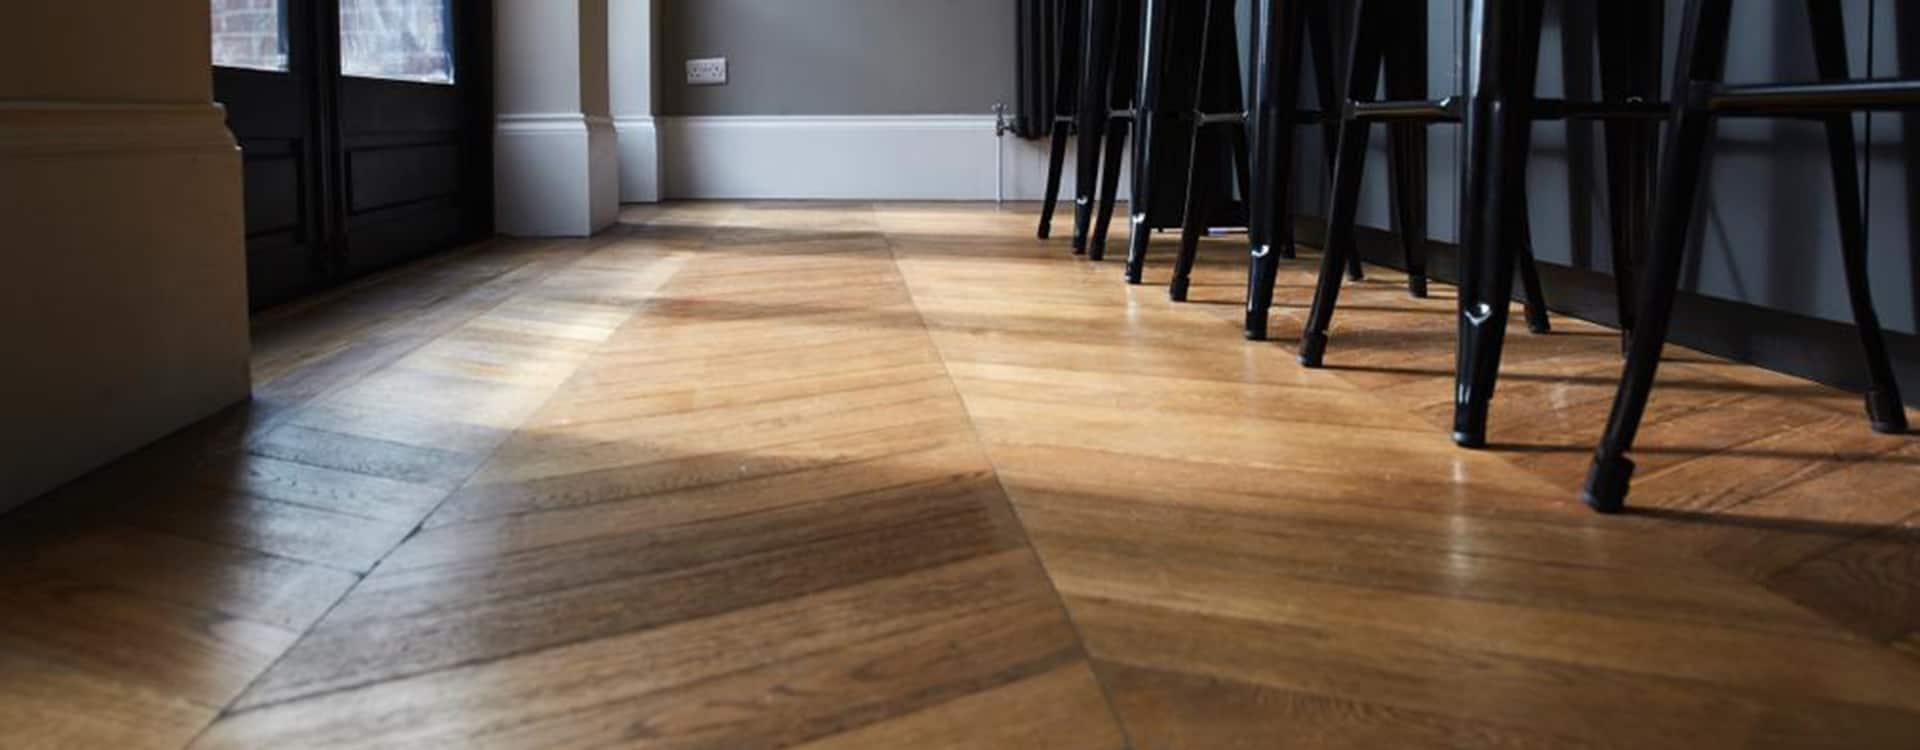 Greyspace-Flooring-Why-Choose-Us